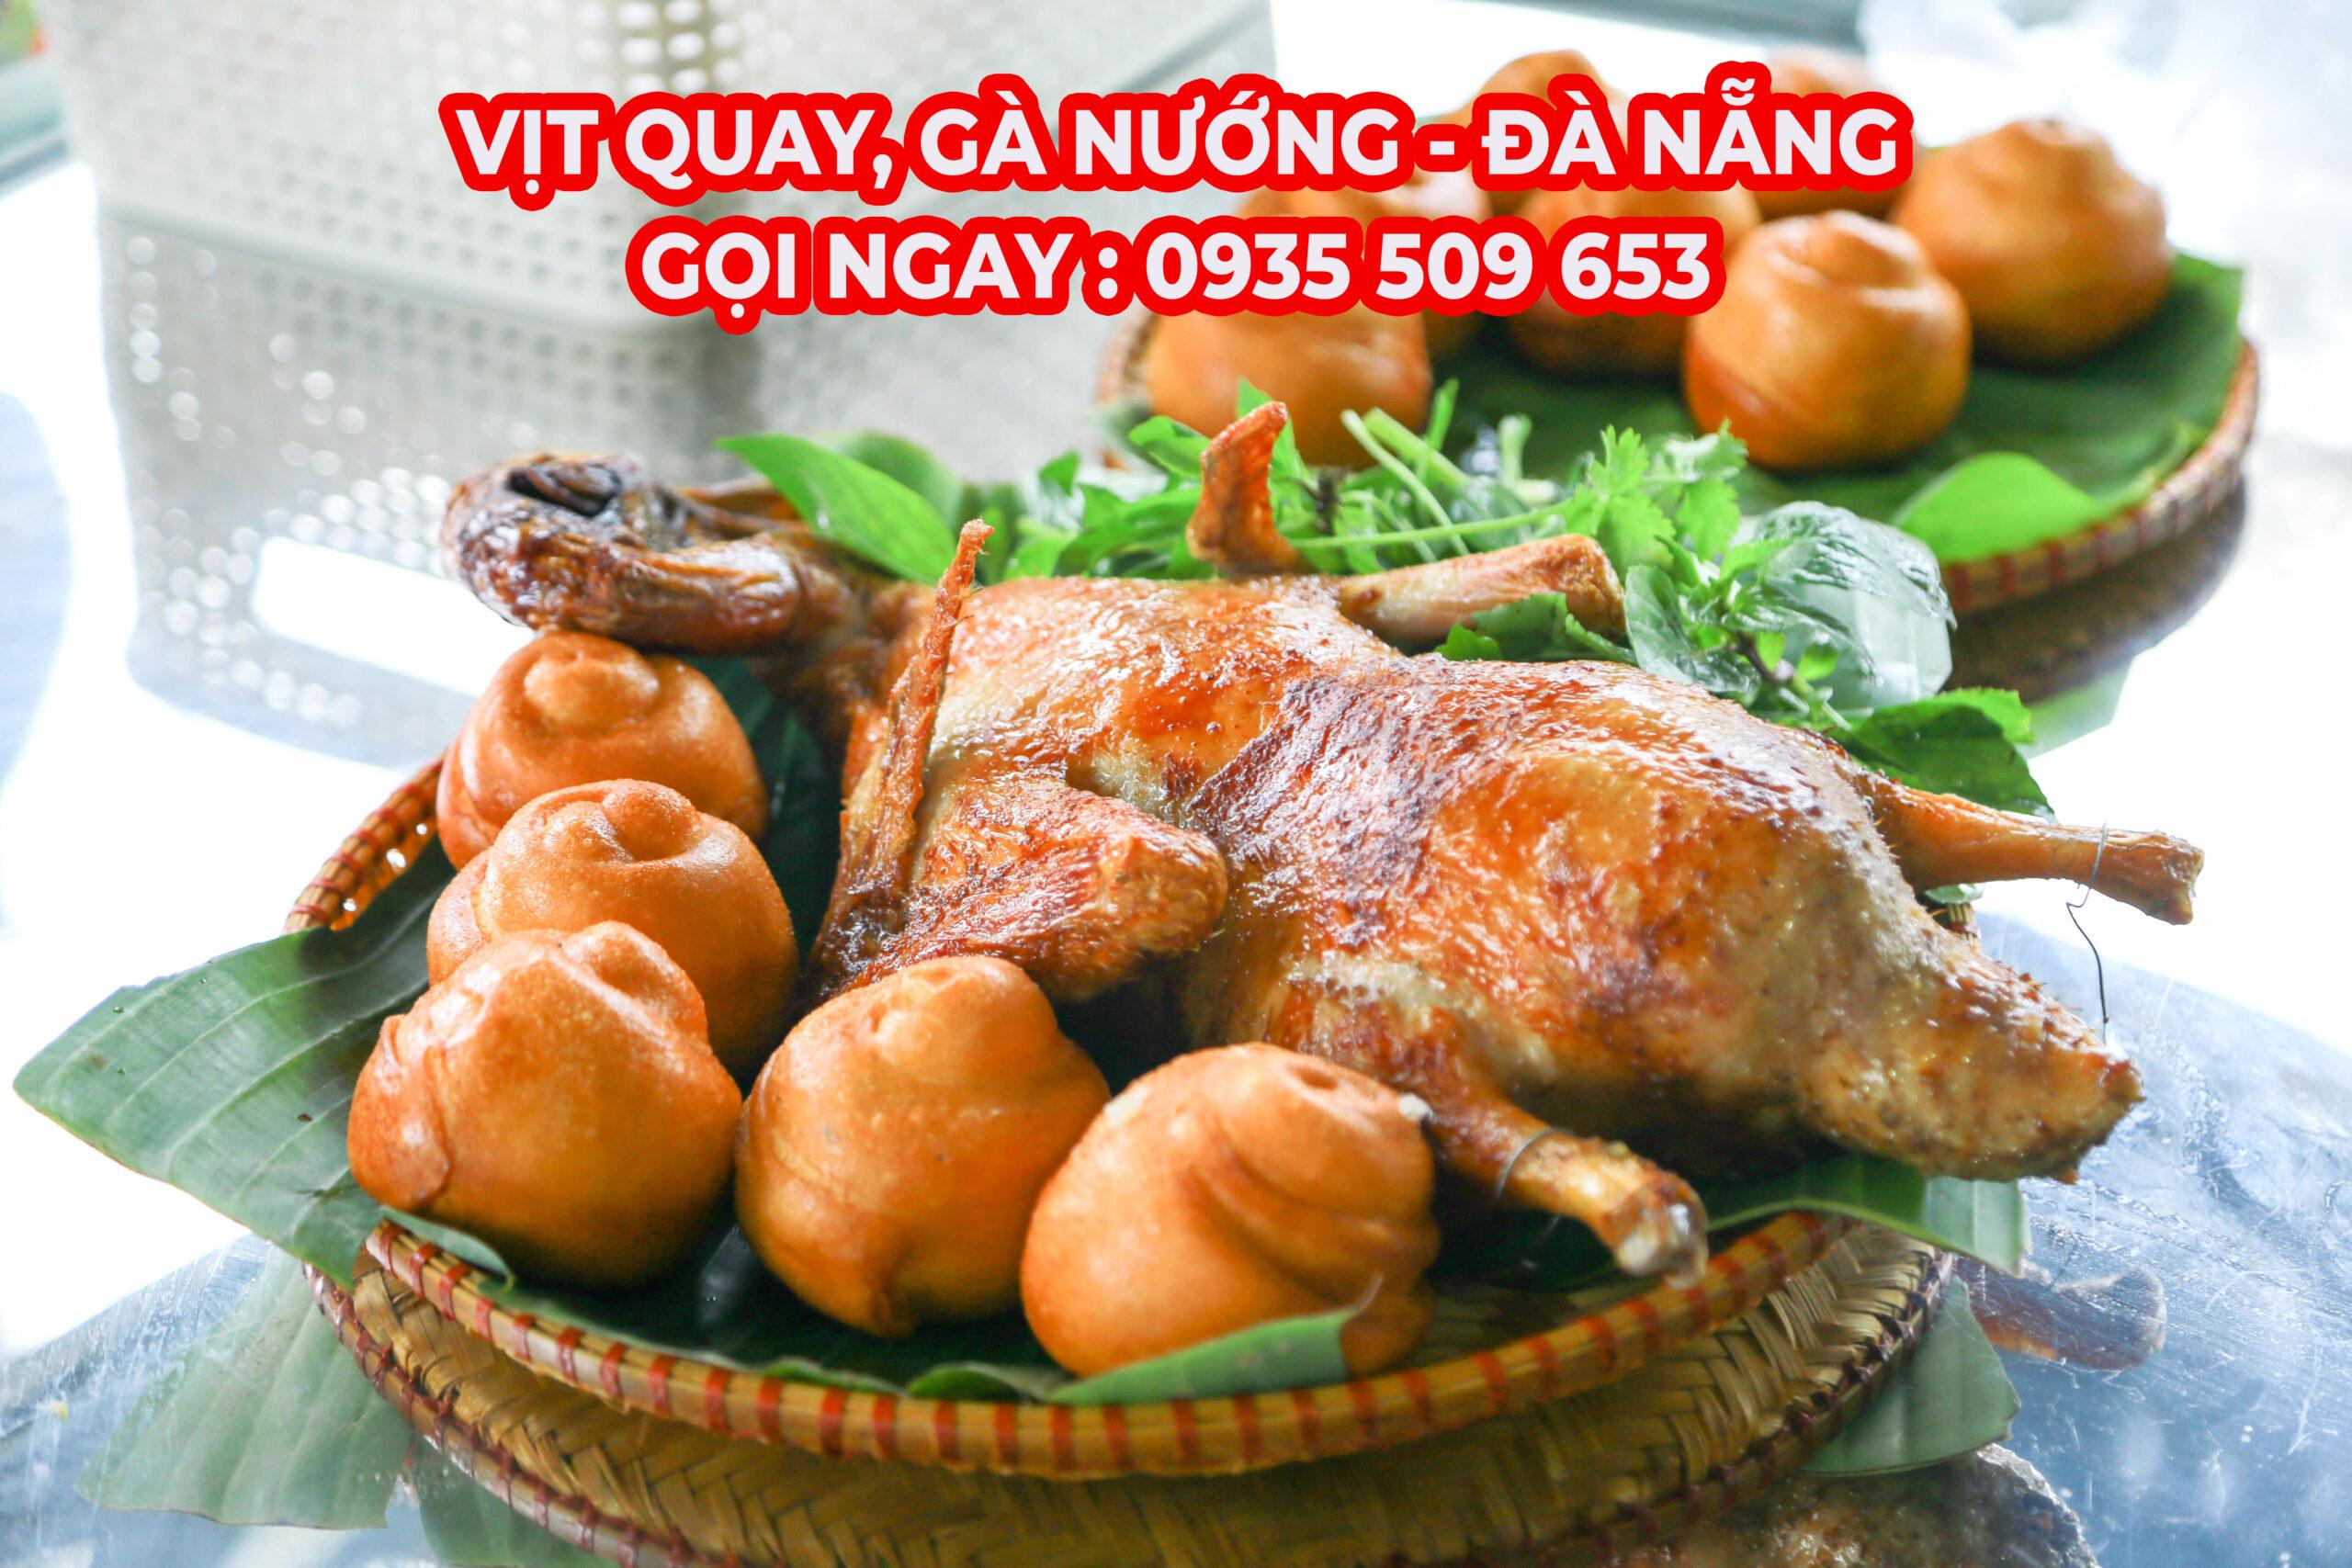 Vịt Quay Đà Nẵng Gọi Ngay 0935.509.653 - Giao Hàng tận nơi miễn phí